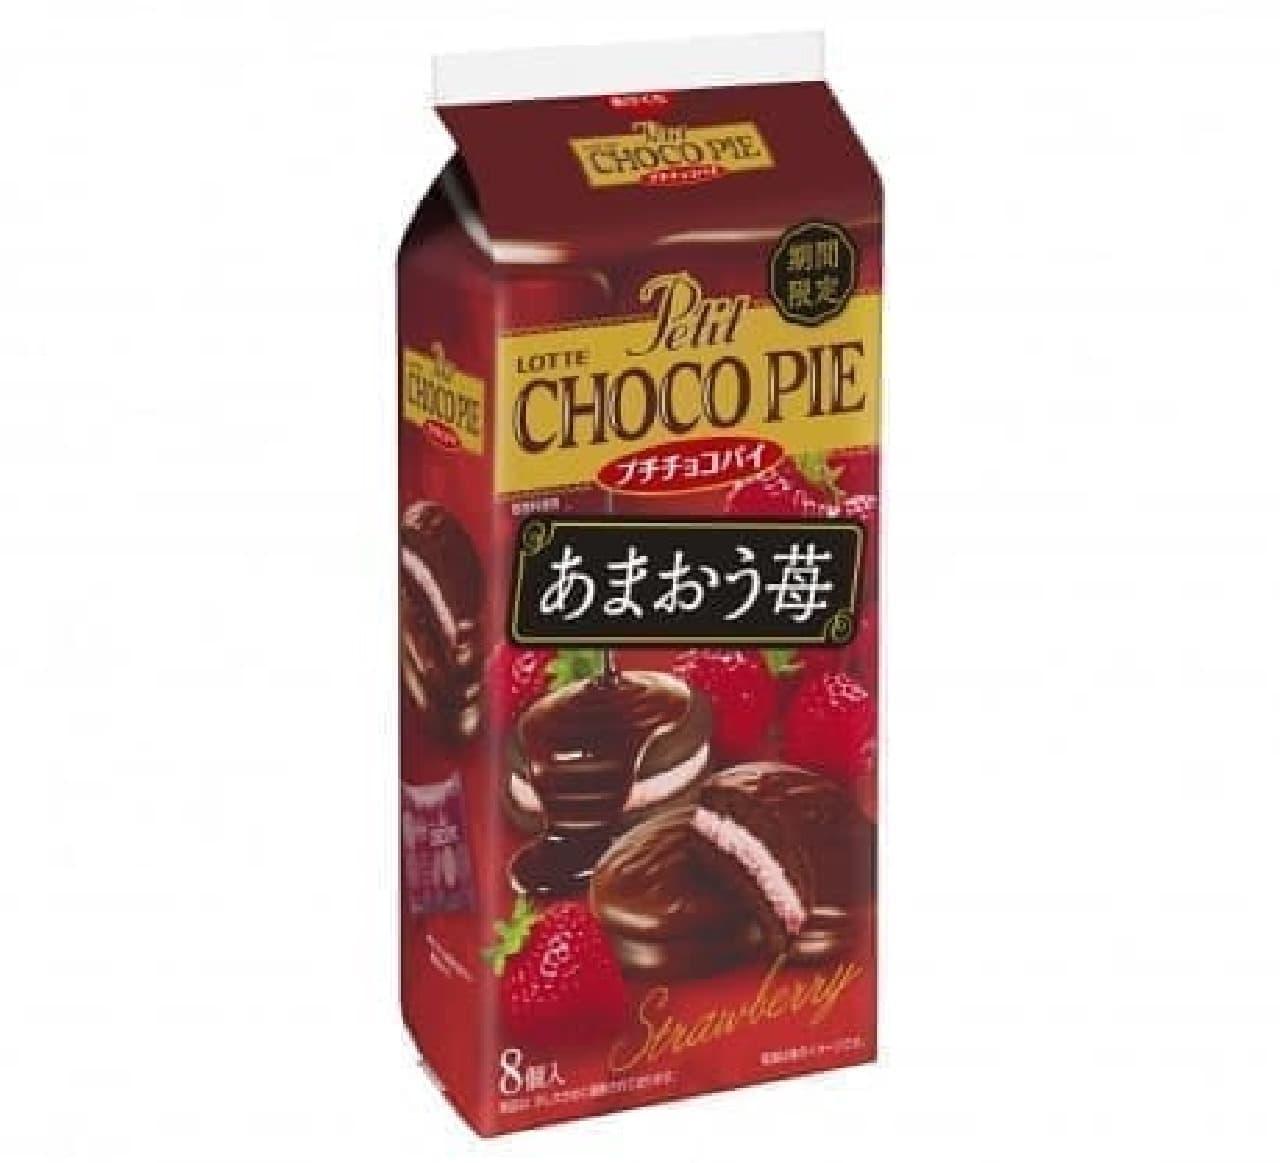 プチチョコパイ<あまおう苺>